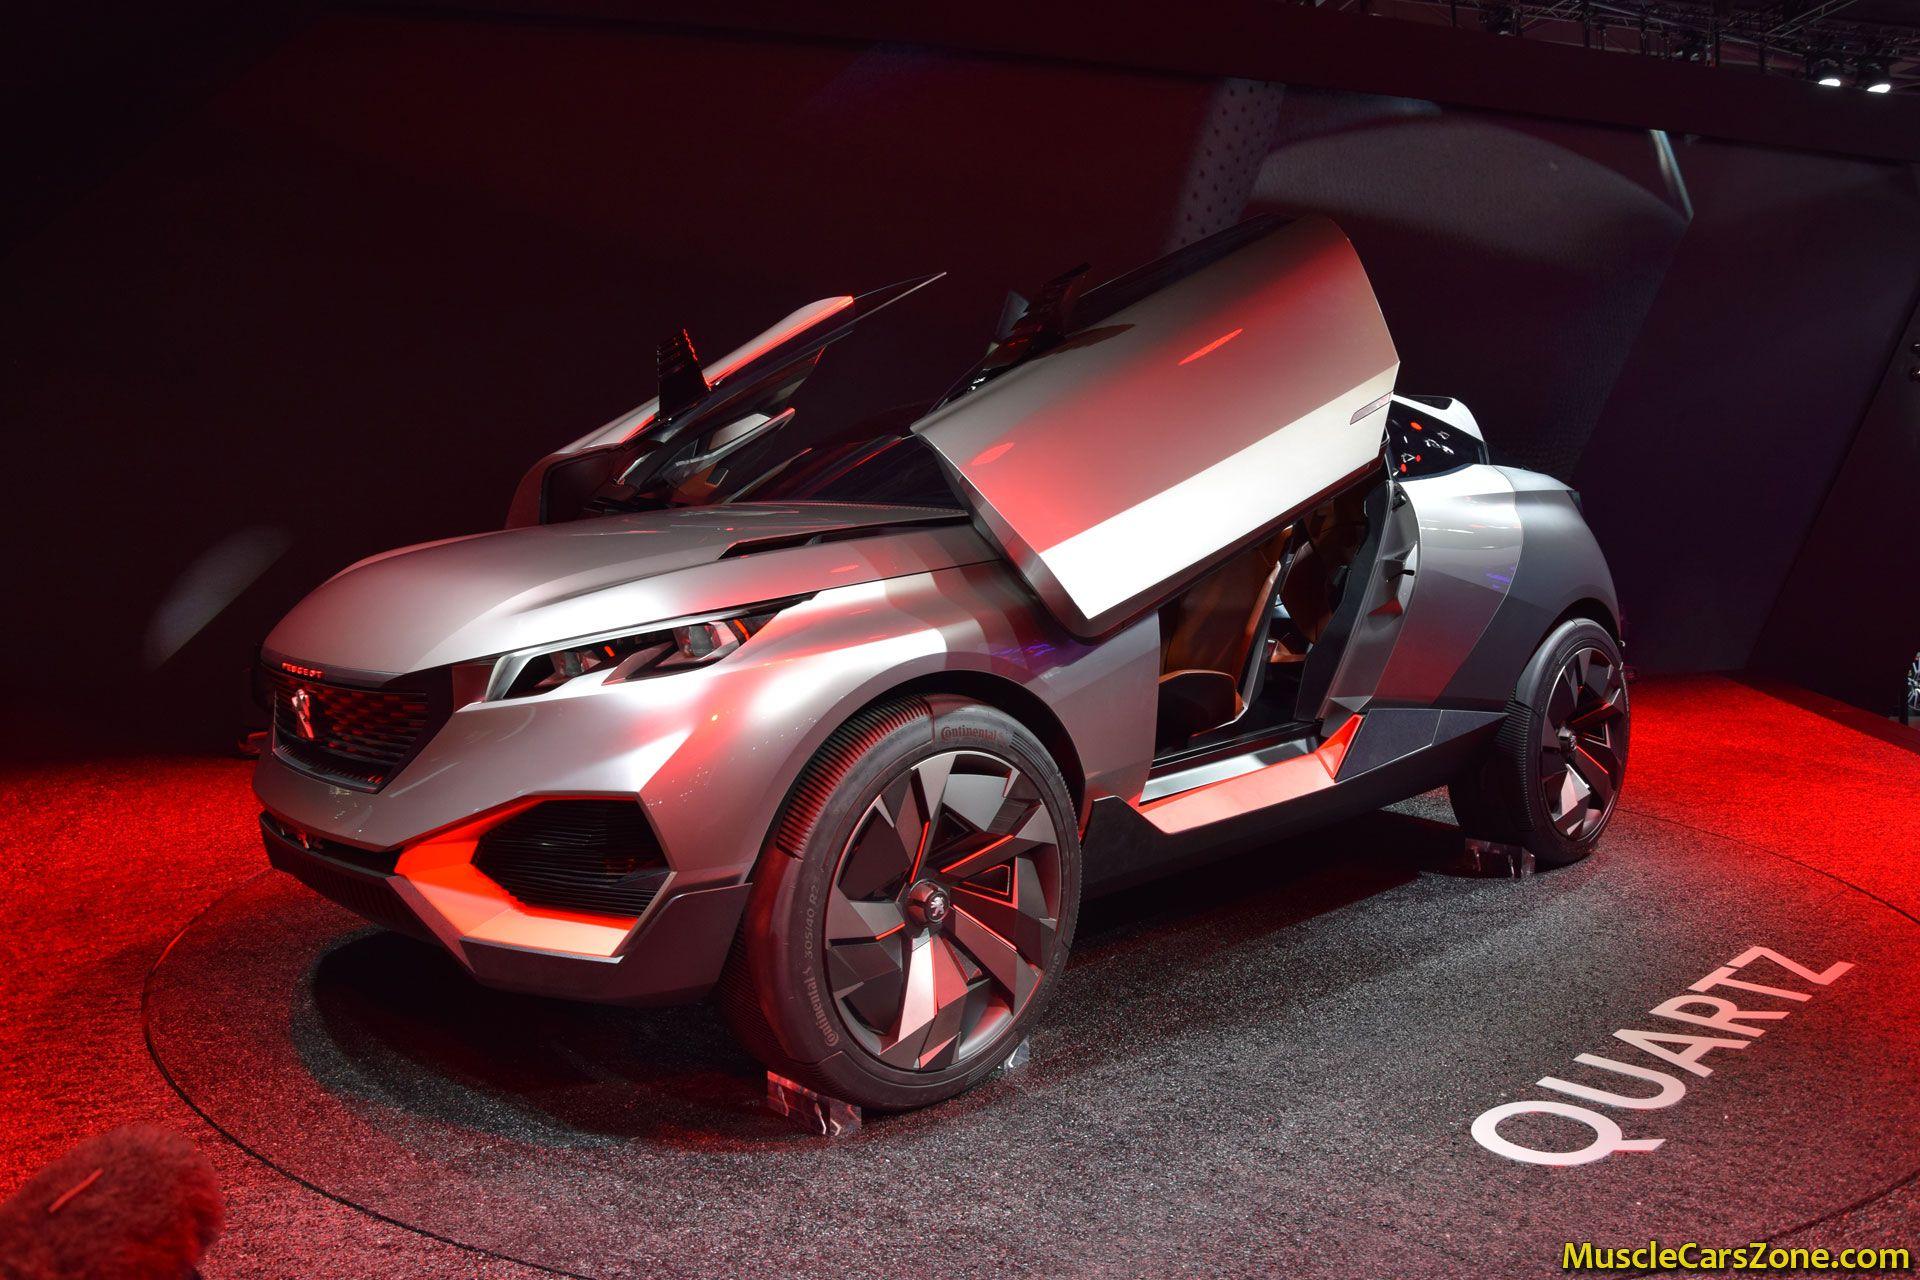 peugeot quartz concept 2014 paris motor show 17 muscle cars zone. Black Bedroom Furniture Sets. Home Design Ideas